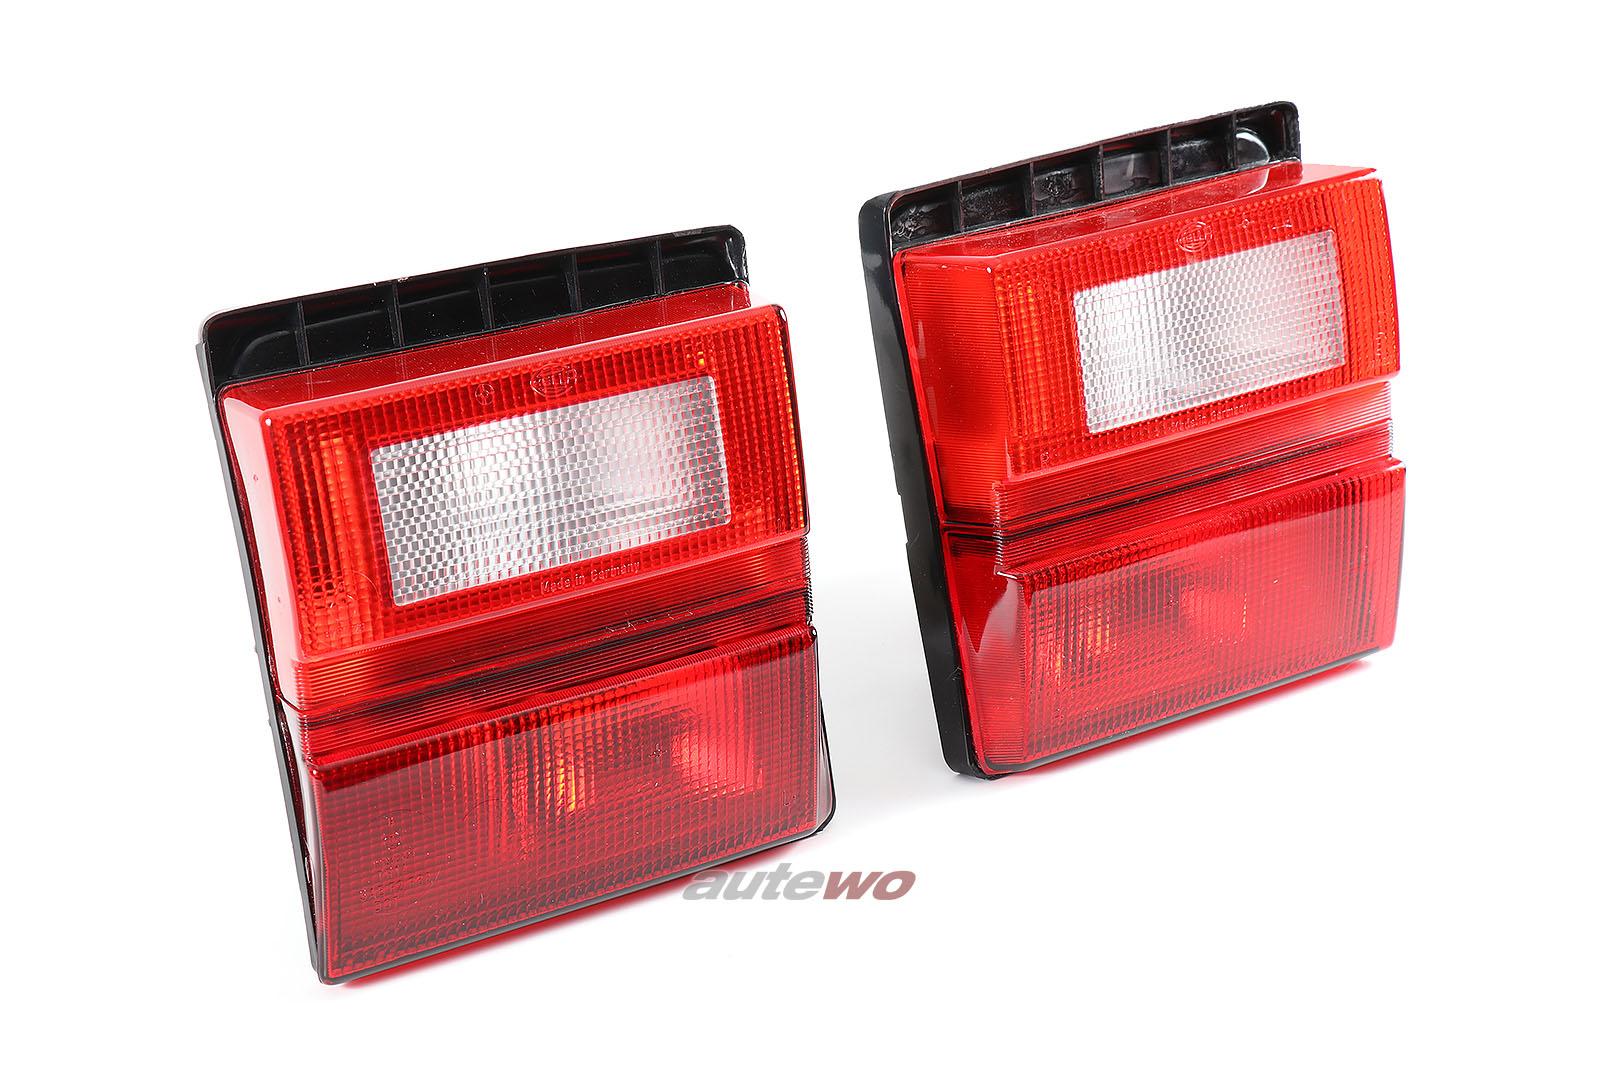 443945225D & 443945226D NEU Audi 100 Typ 44 Sport Rückleuchten Paar Rot